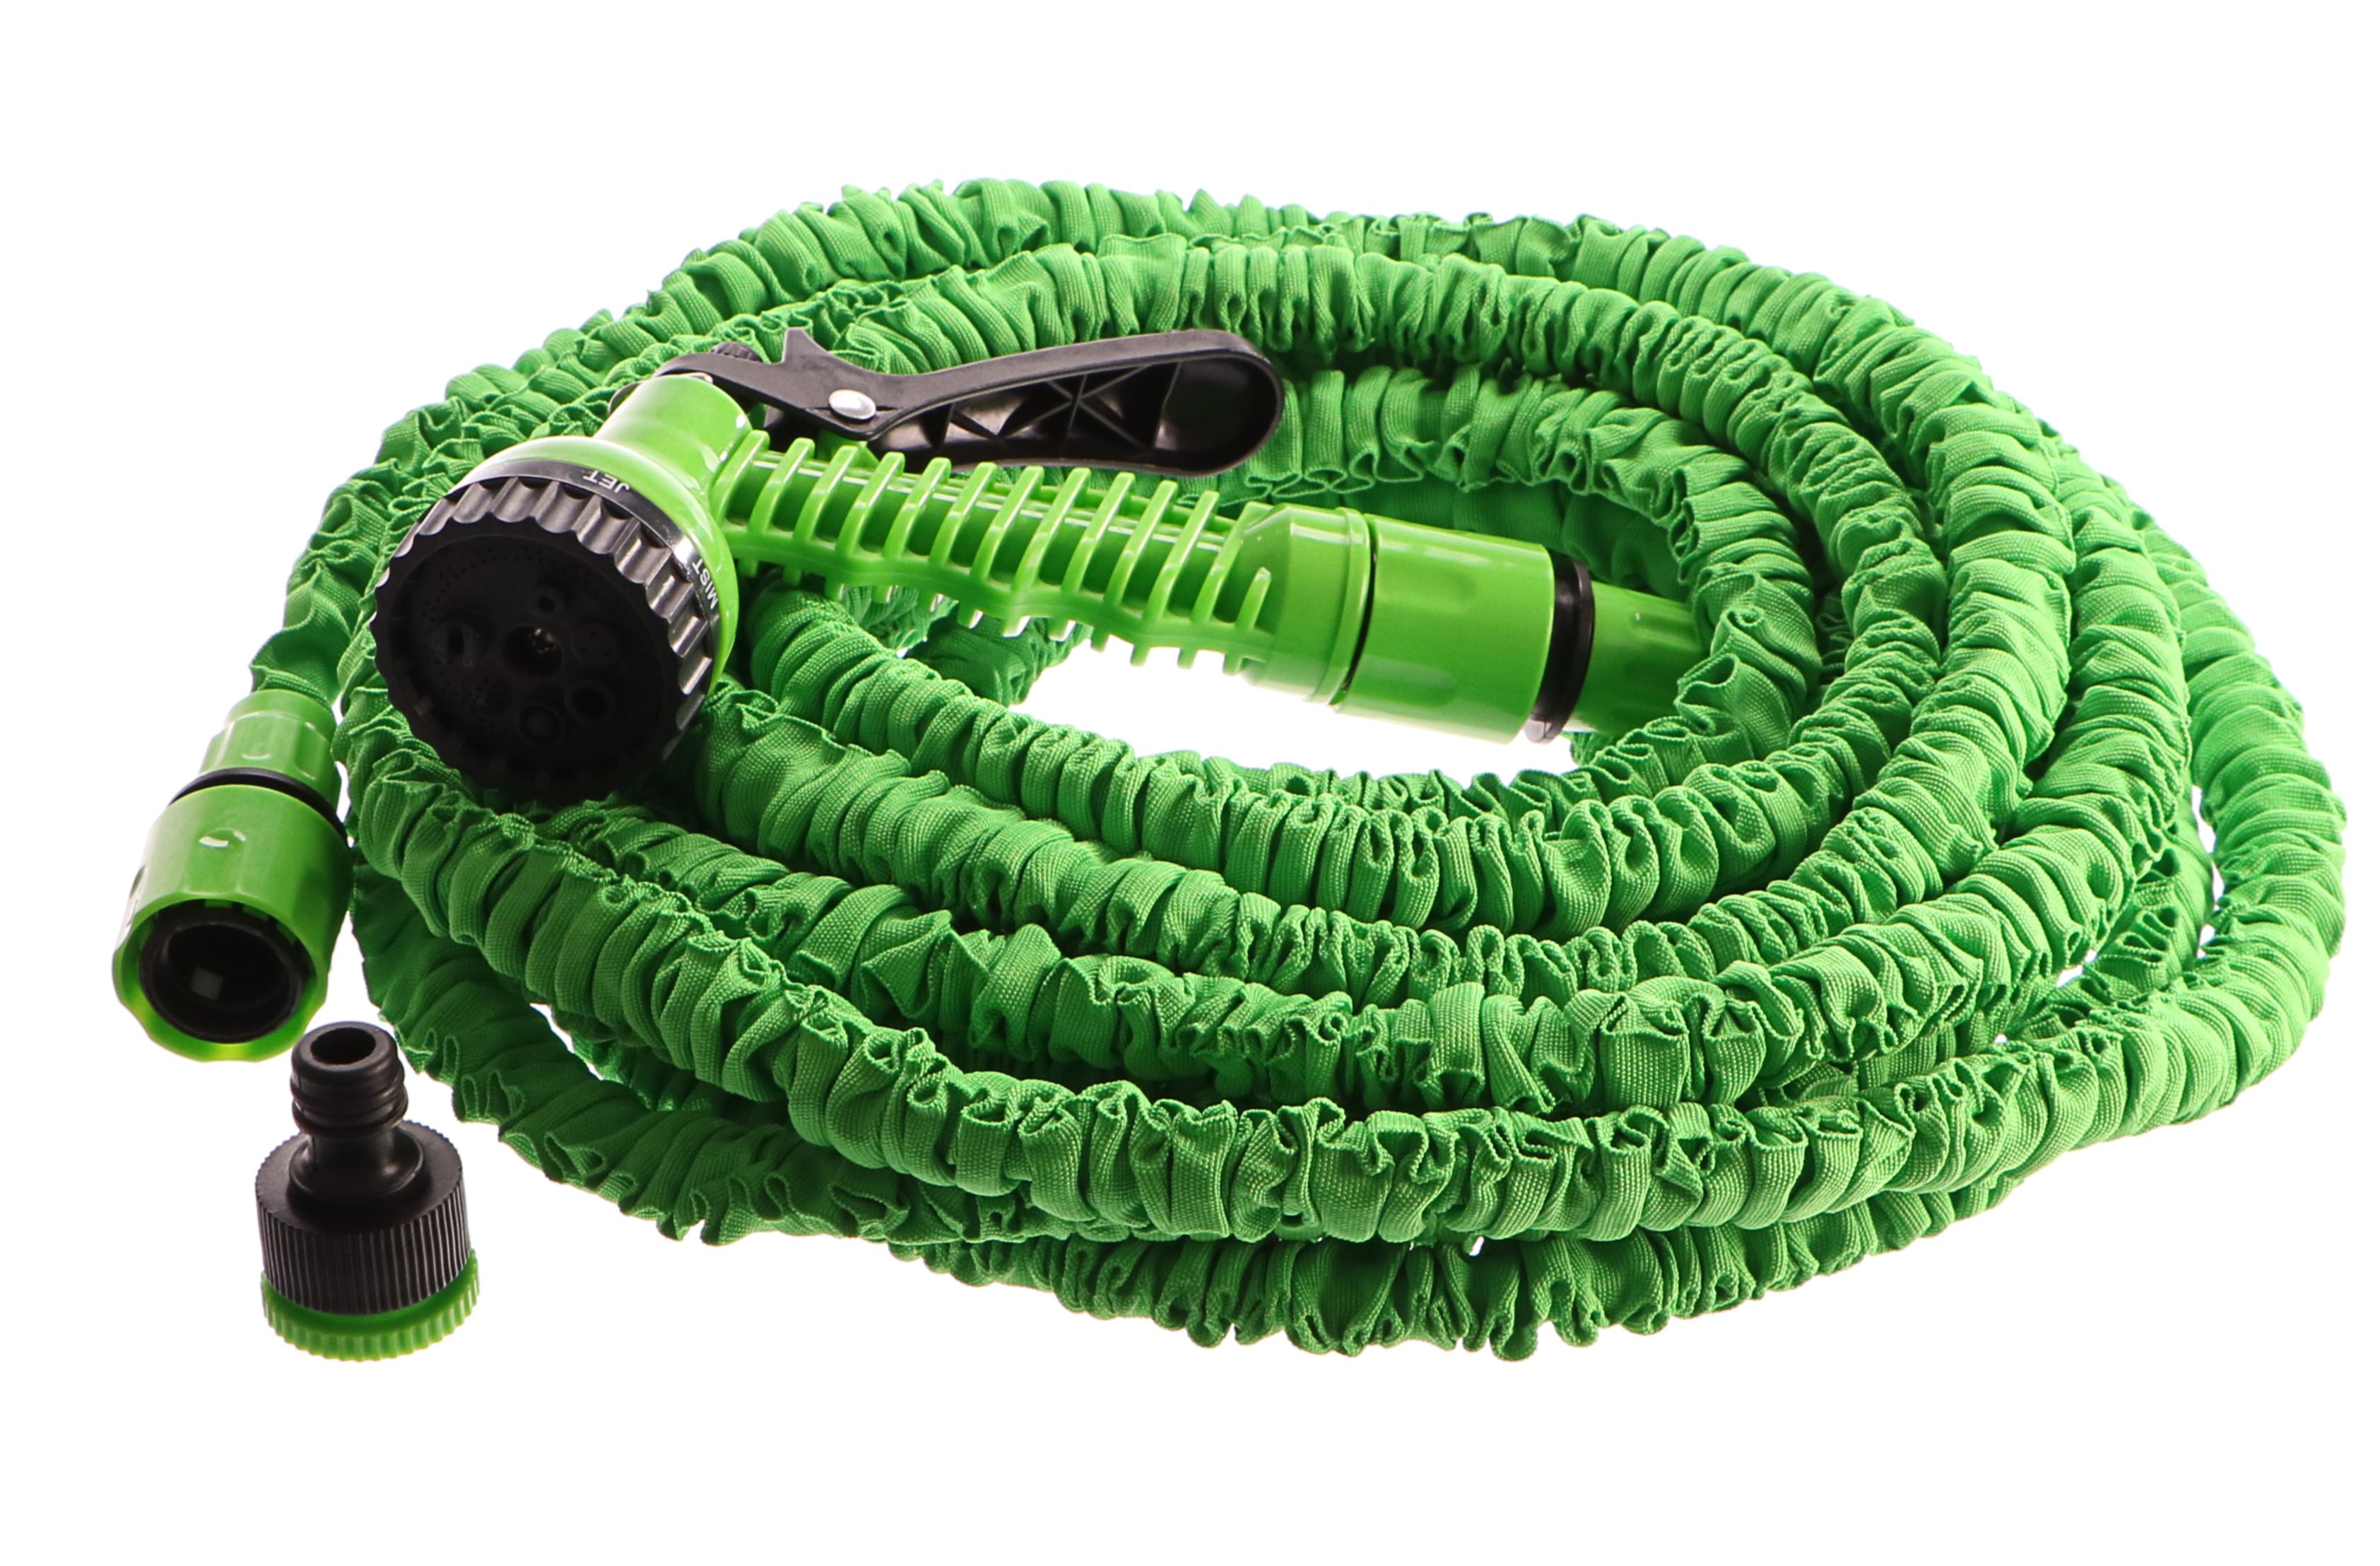 Zahradní hadice smršťovací, 10m-30m, 7 funkcí, GEKO